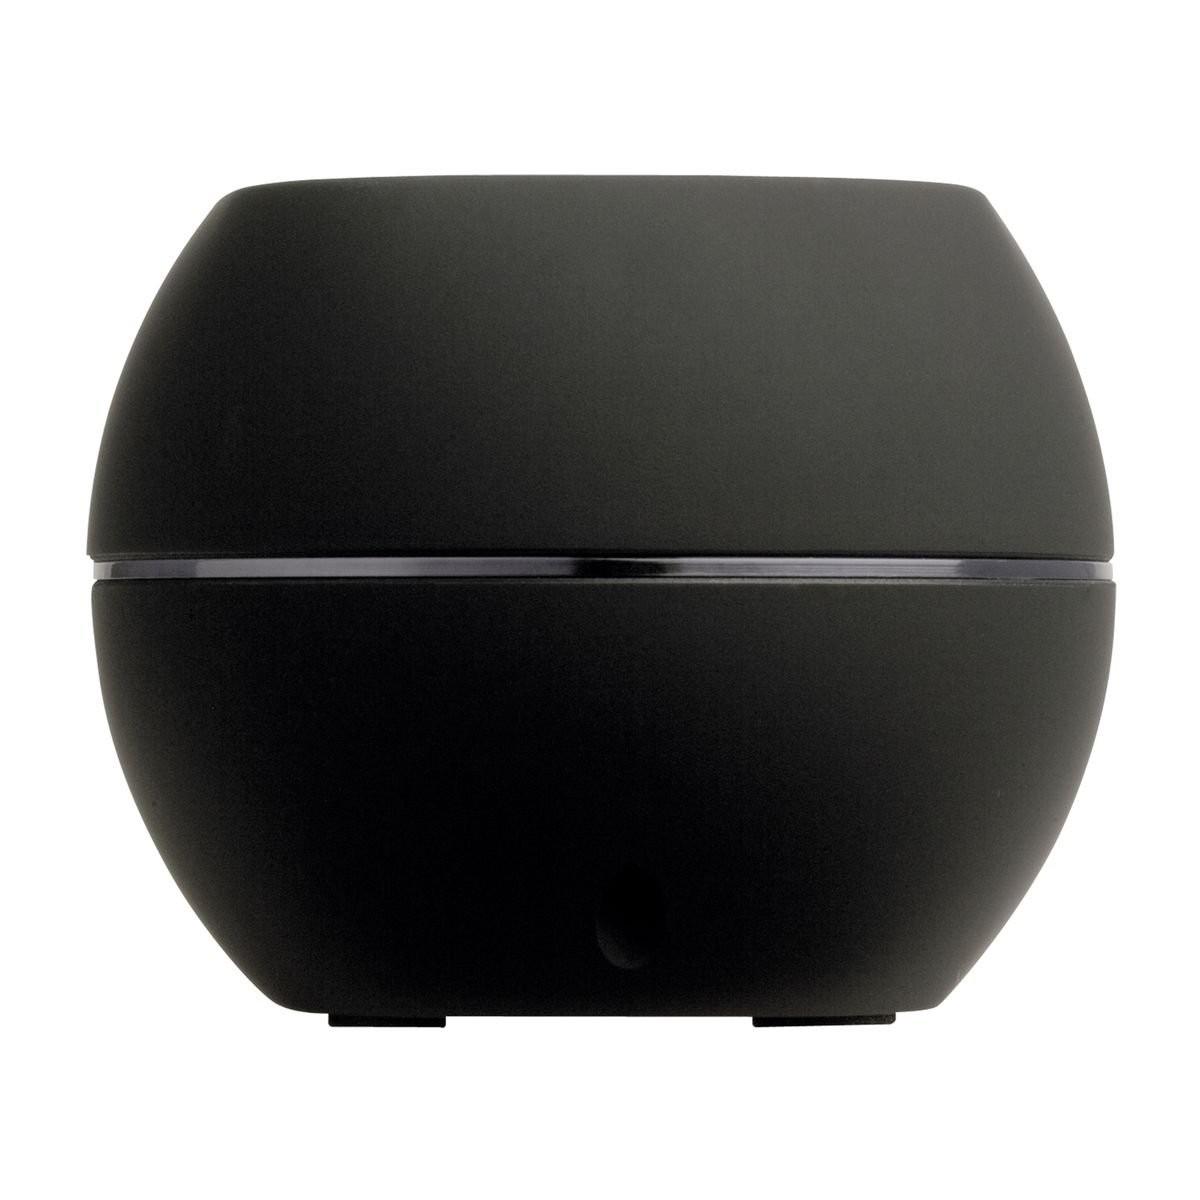 Lautsprecher mit Bluetooth® Technologie REFLECTS-VINICA BLACK, Ansicht 3